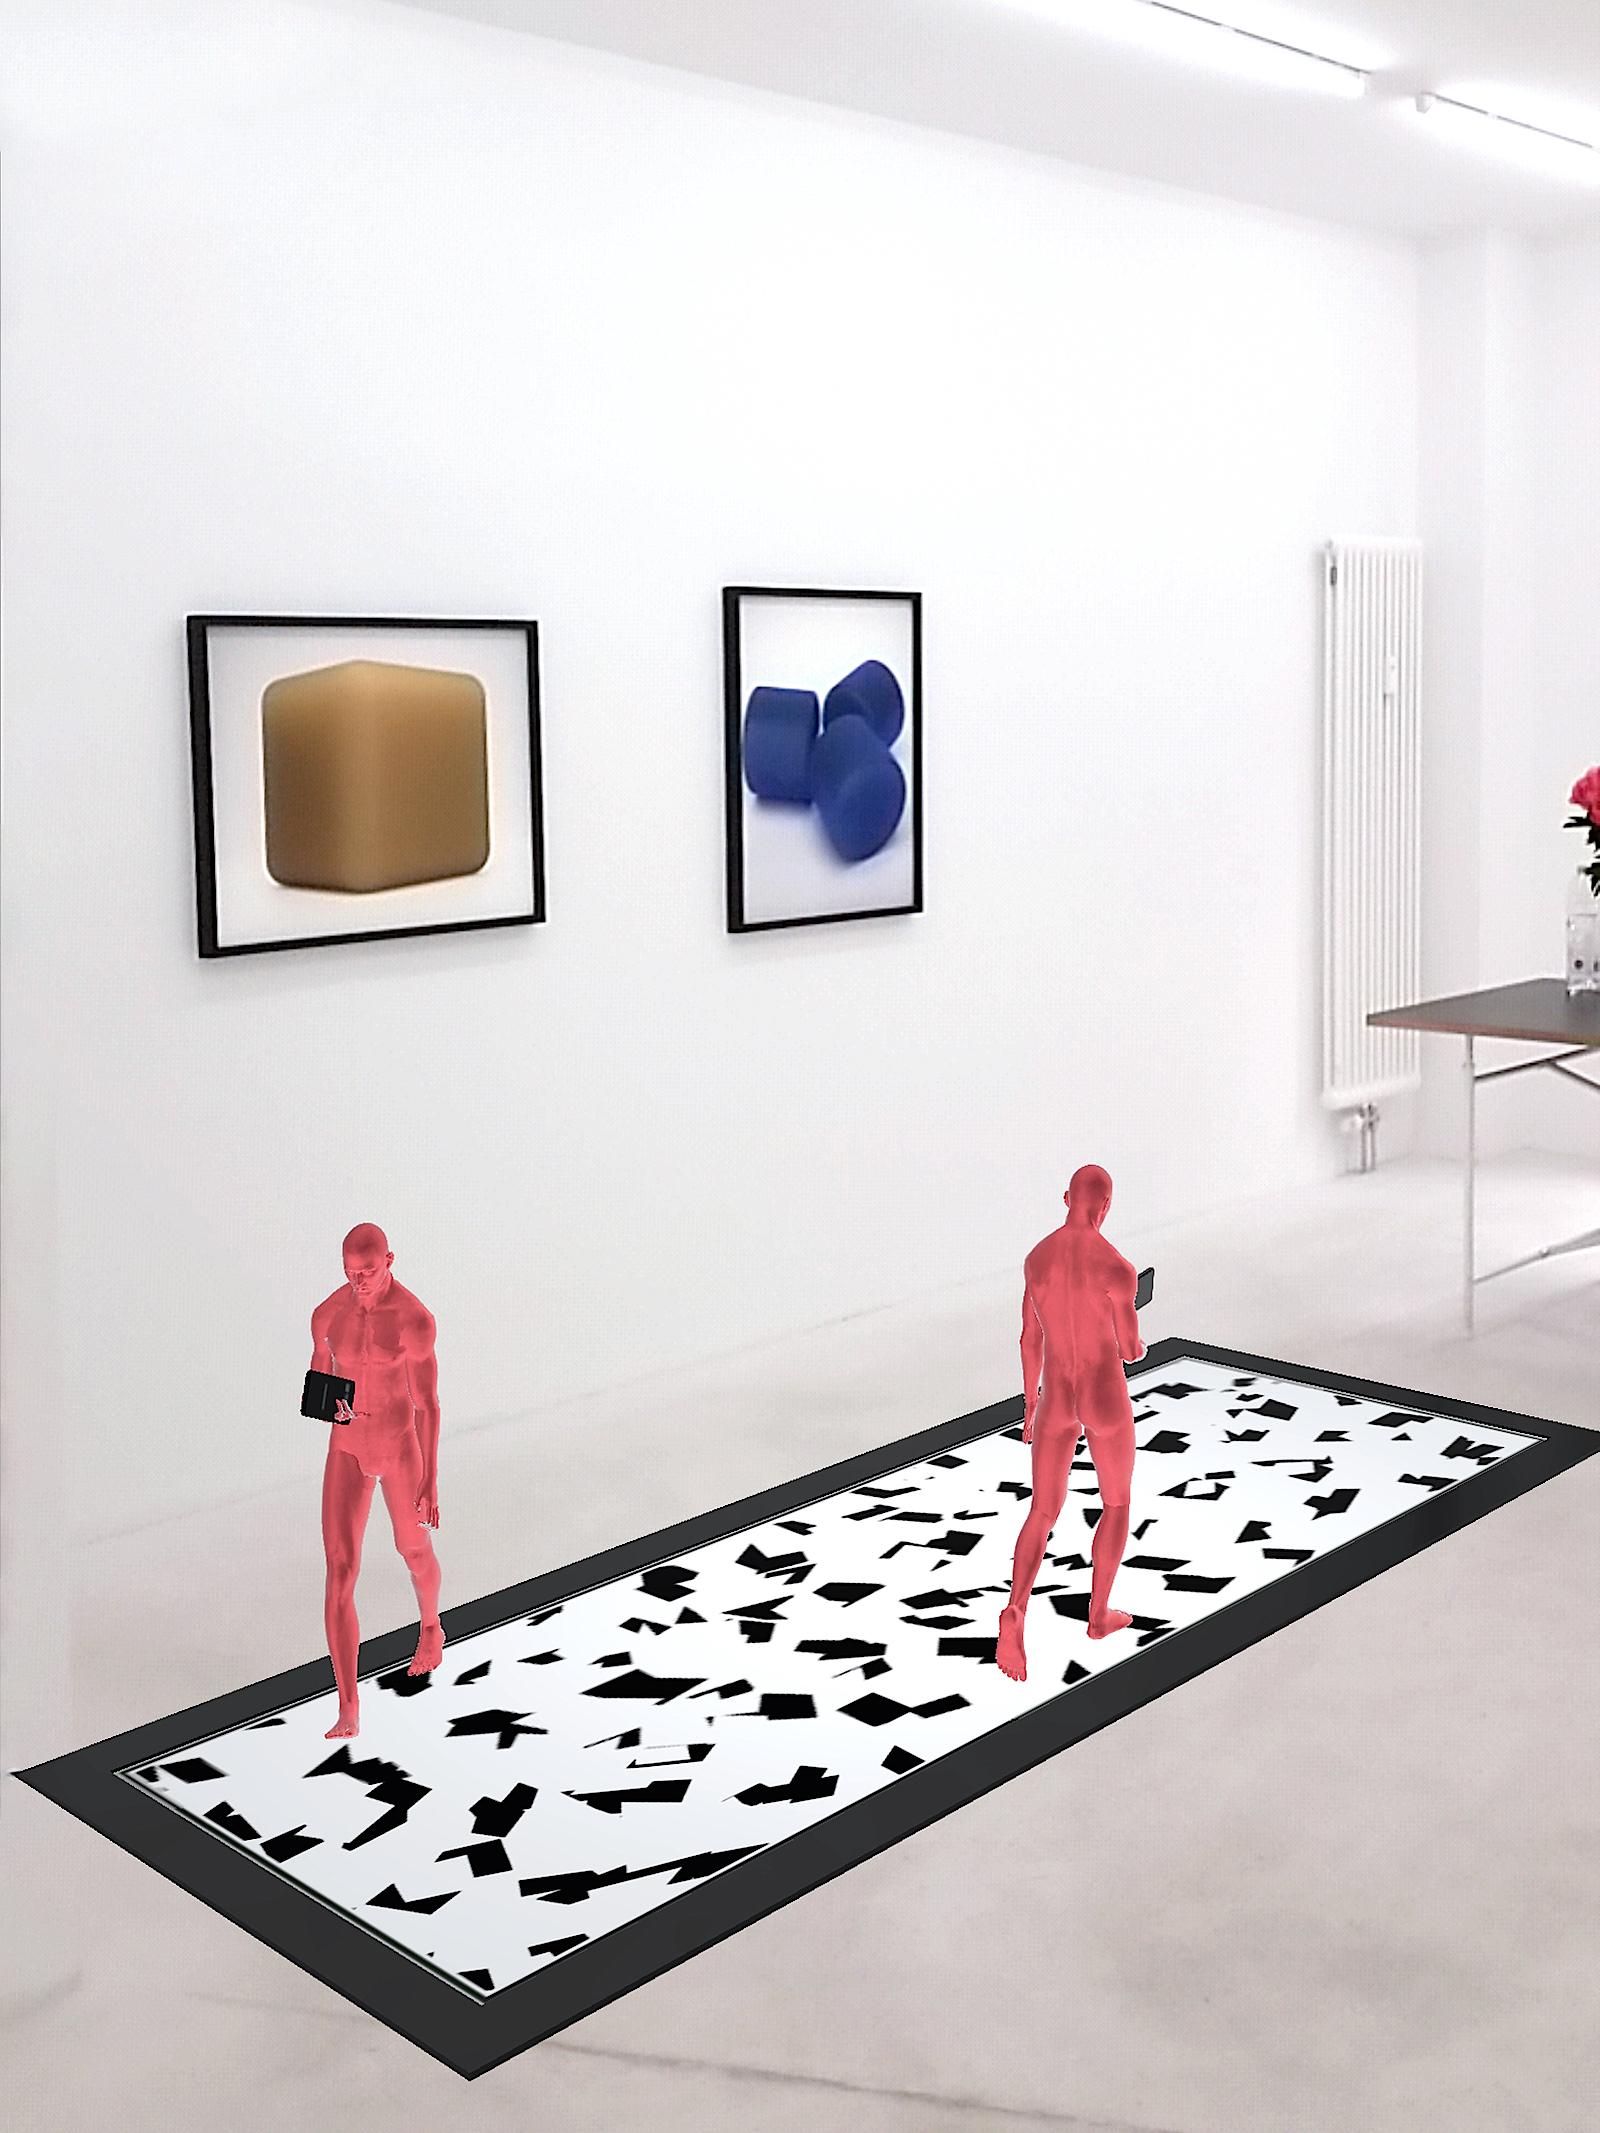 Banz & Bowinkel, Bots 01, App (Installationsansicht), 2018